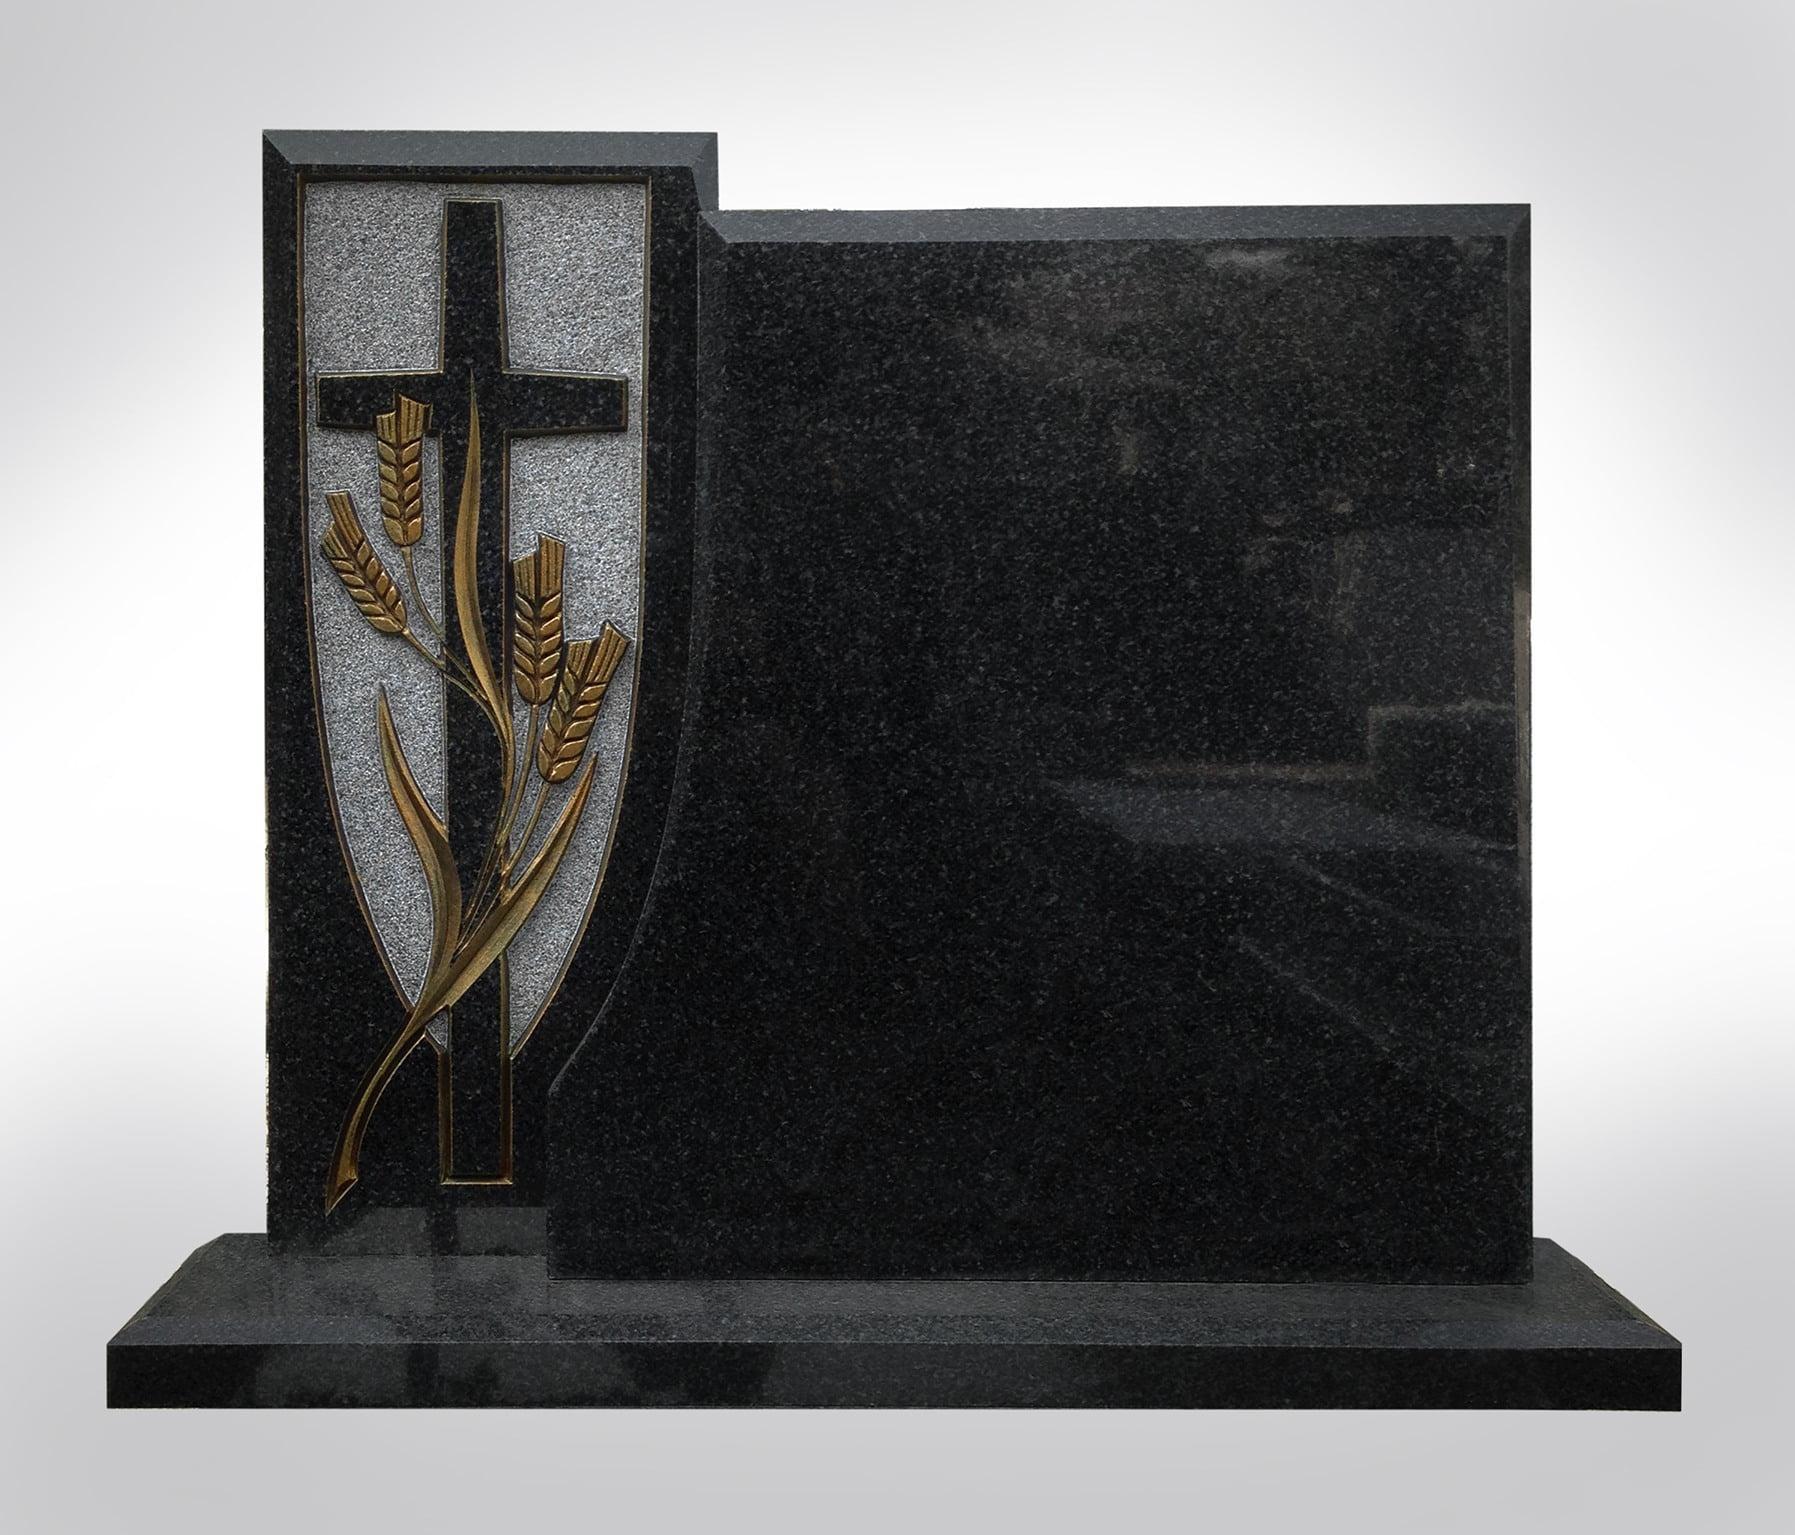 Czarny nagrobek z pięknym krzyżem - Nagrobki Bielsko-Biała